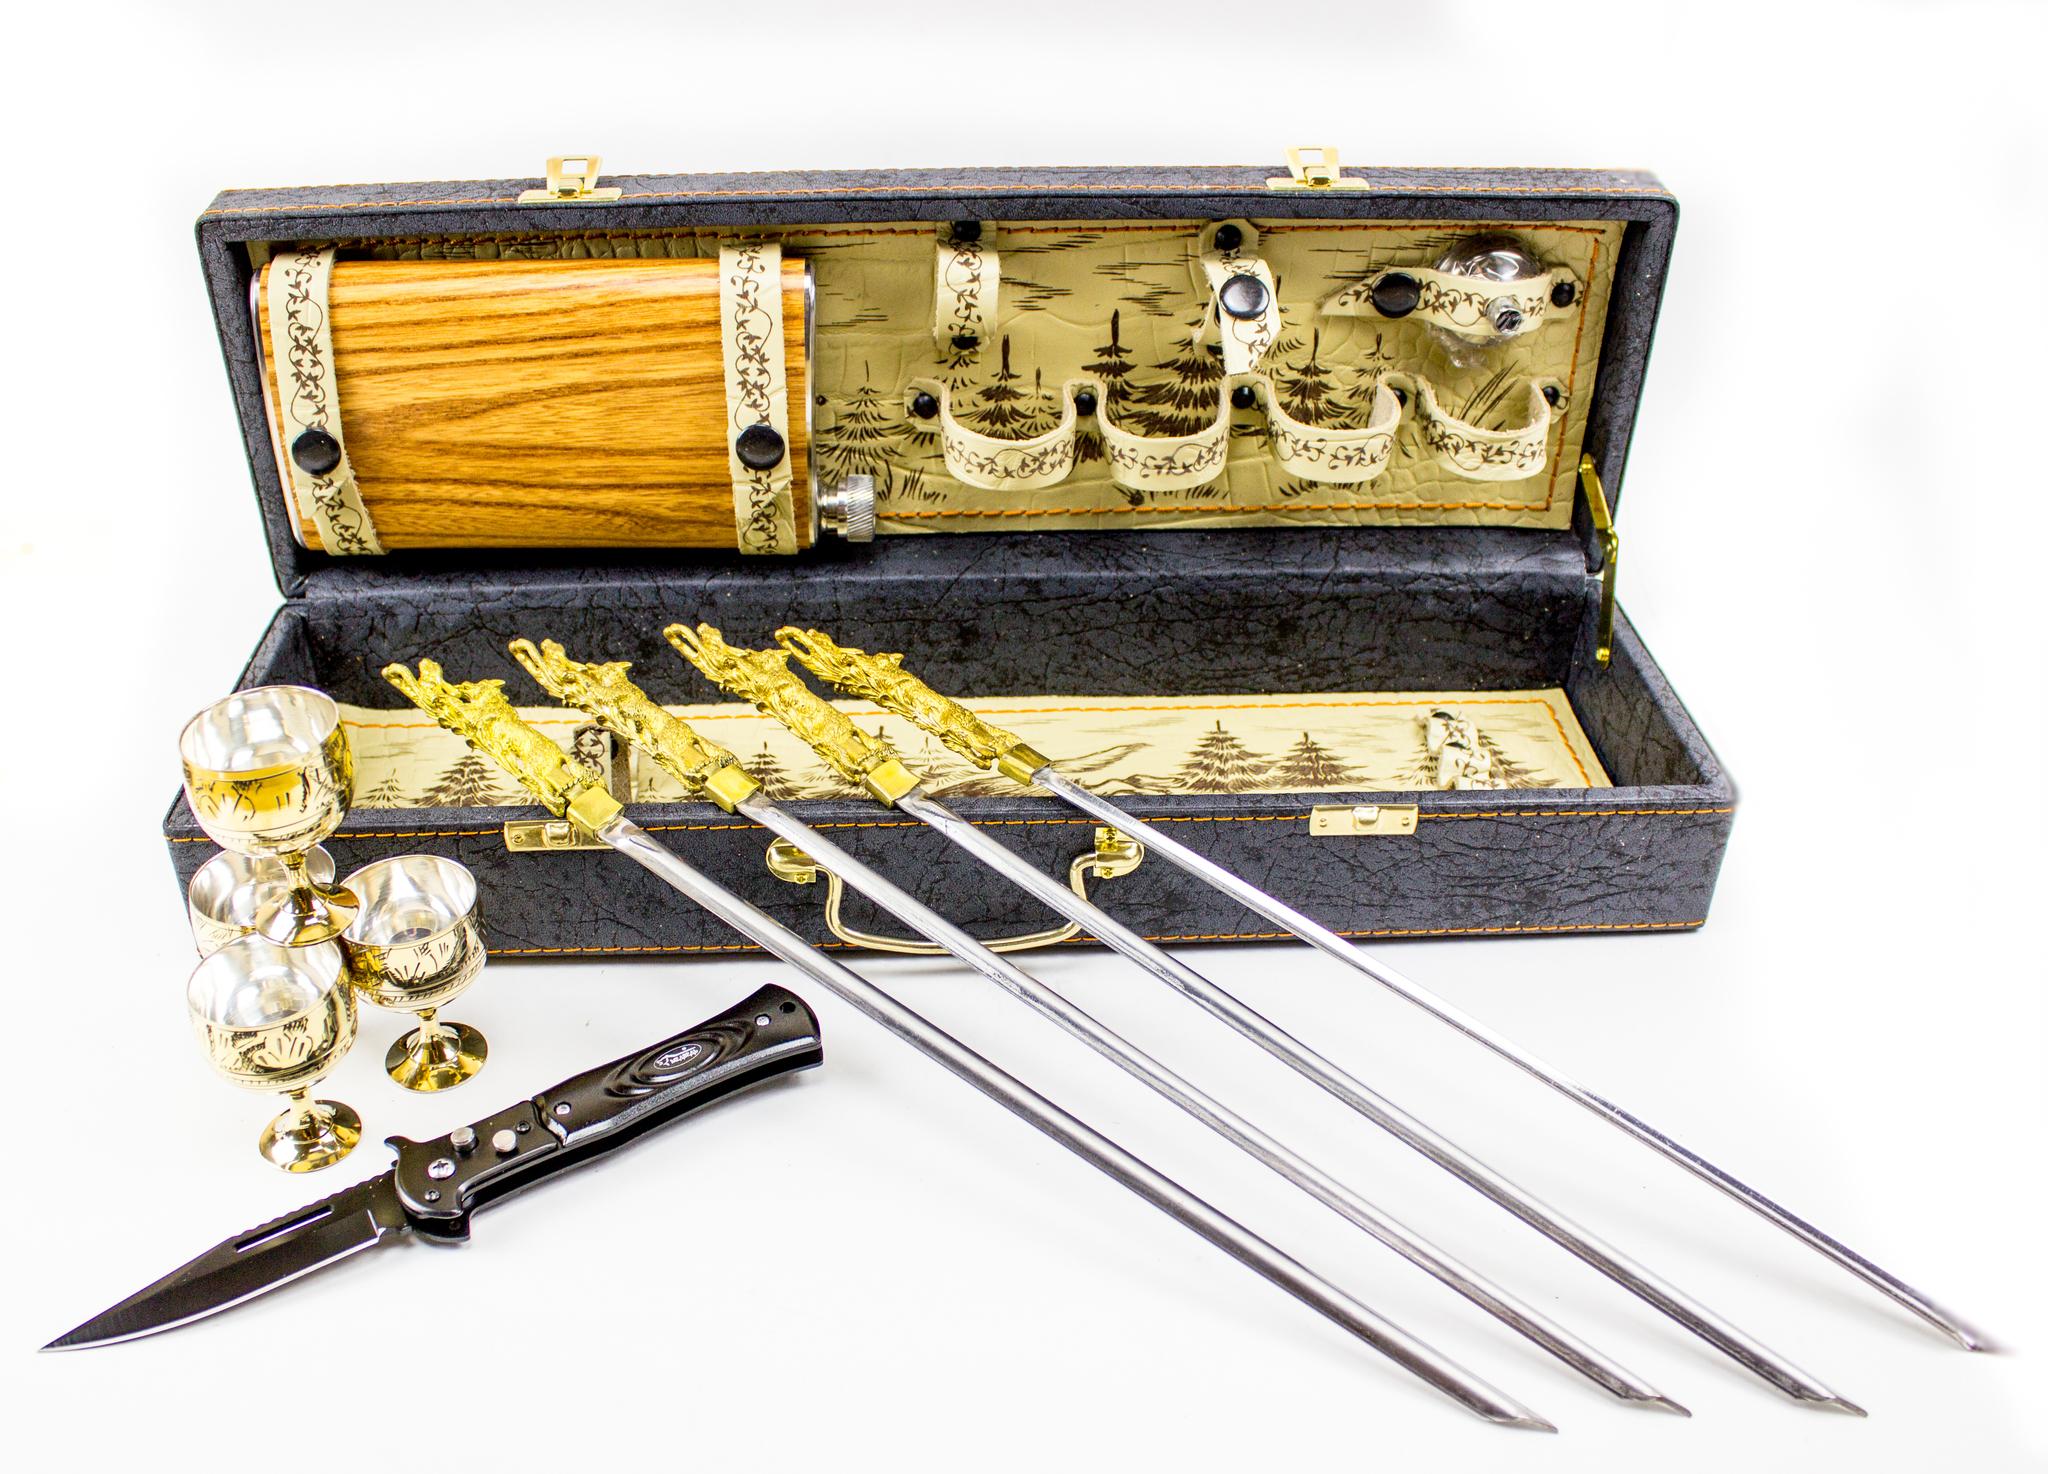 Подарочный набор «Шкатулка-3»Ножи Ворсма<br>Для эстетичного и удобного отдыха возьмите с собой этот набор. Шампура дадут возможность приготовить шашлык или овощи на углях, а фляжка и набор стопок сделают поездку еще более приятной. Примите решение заказать подарочный набор «Шкатулка-3».<br>Подарочный набор «Шкатулка-3» укомплектован: 1. Стопки - 4 штуки. 2. Нож складной. 3. Фляжка (0,45 л.). 4. Шампура - 4 штуки. 5. Воронка.6. Кожанный кейс.<br>